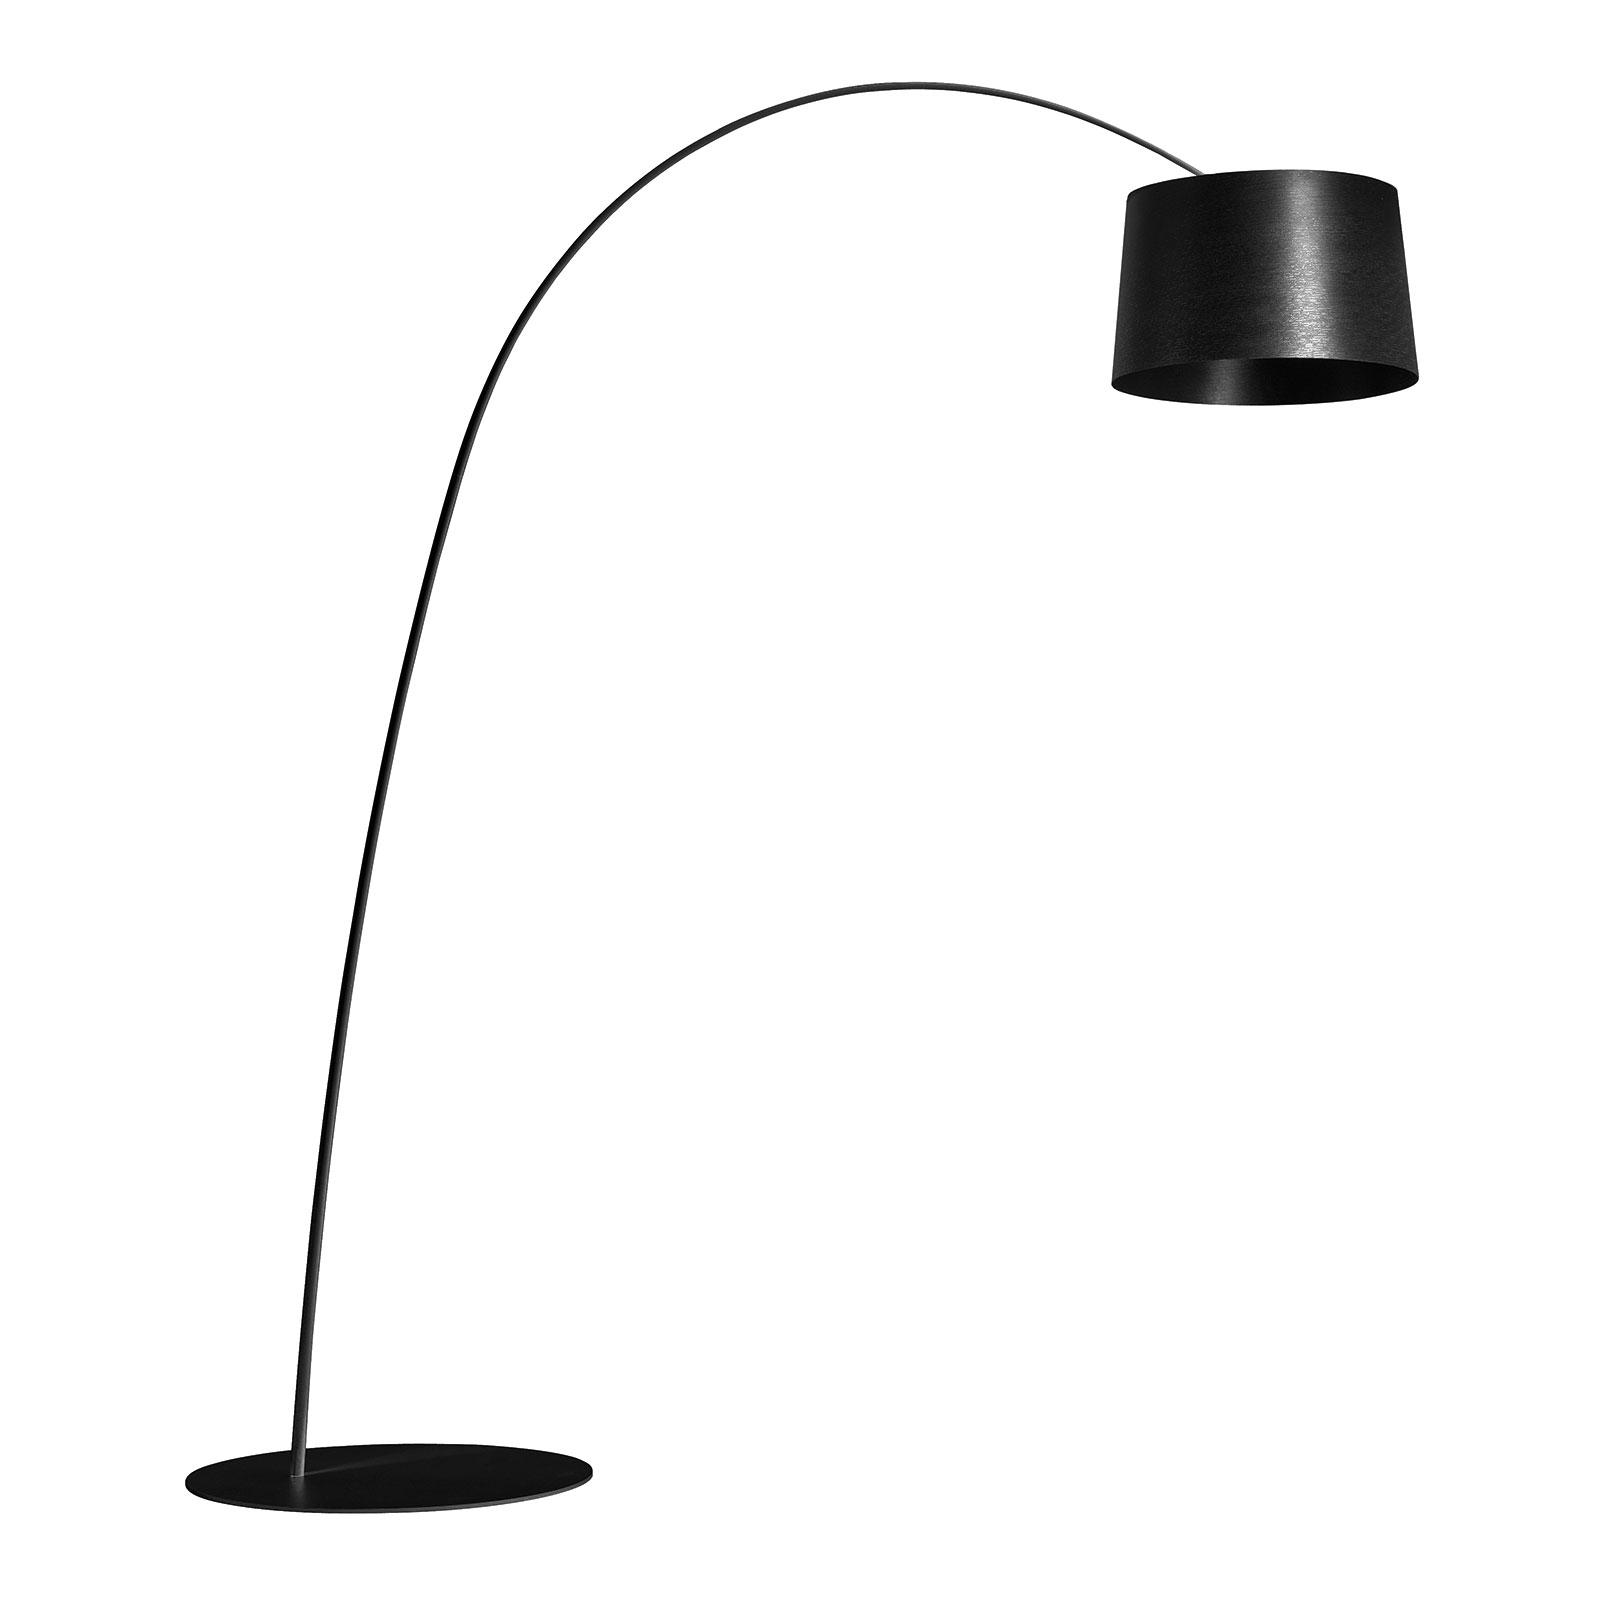 Foscarini Twiggy lampadaire arqué LED, noire